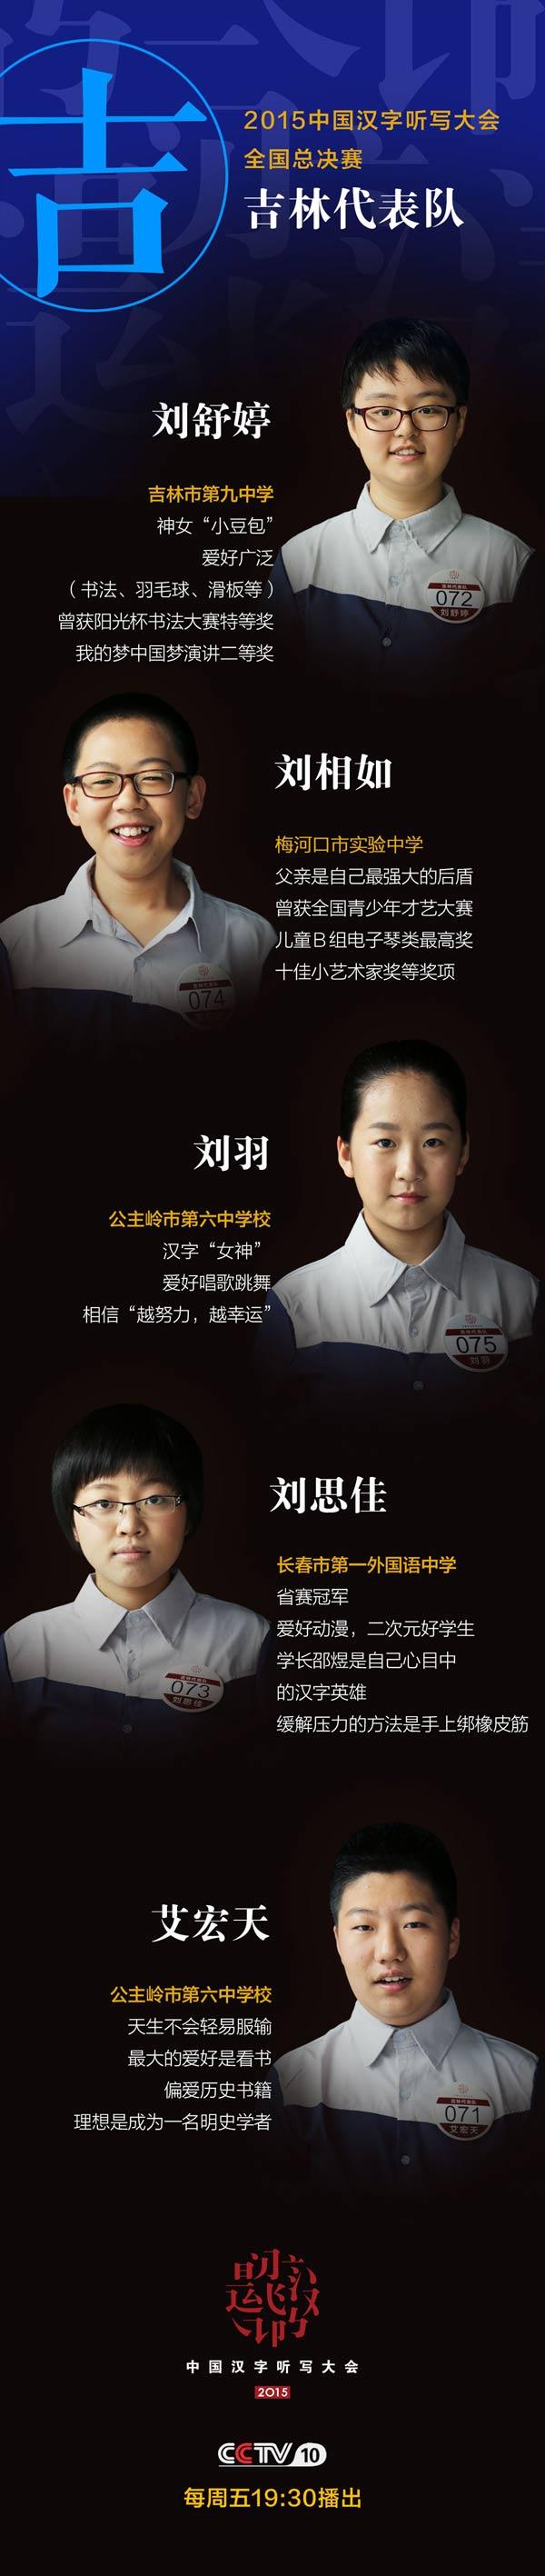 中国听写大会_2015中国汉字听写大会第三场选手_科教_央视网(cctv.com)